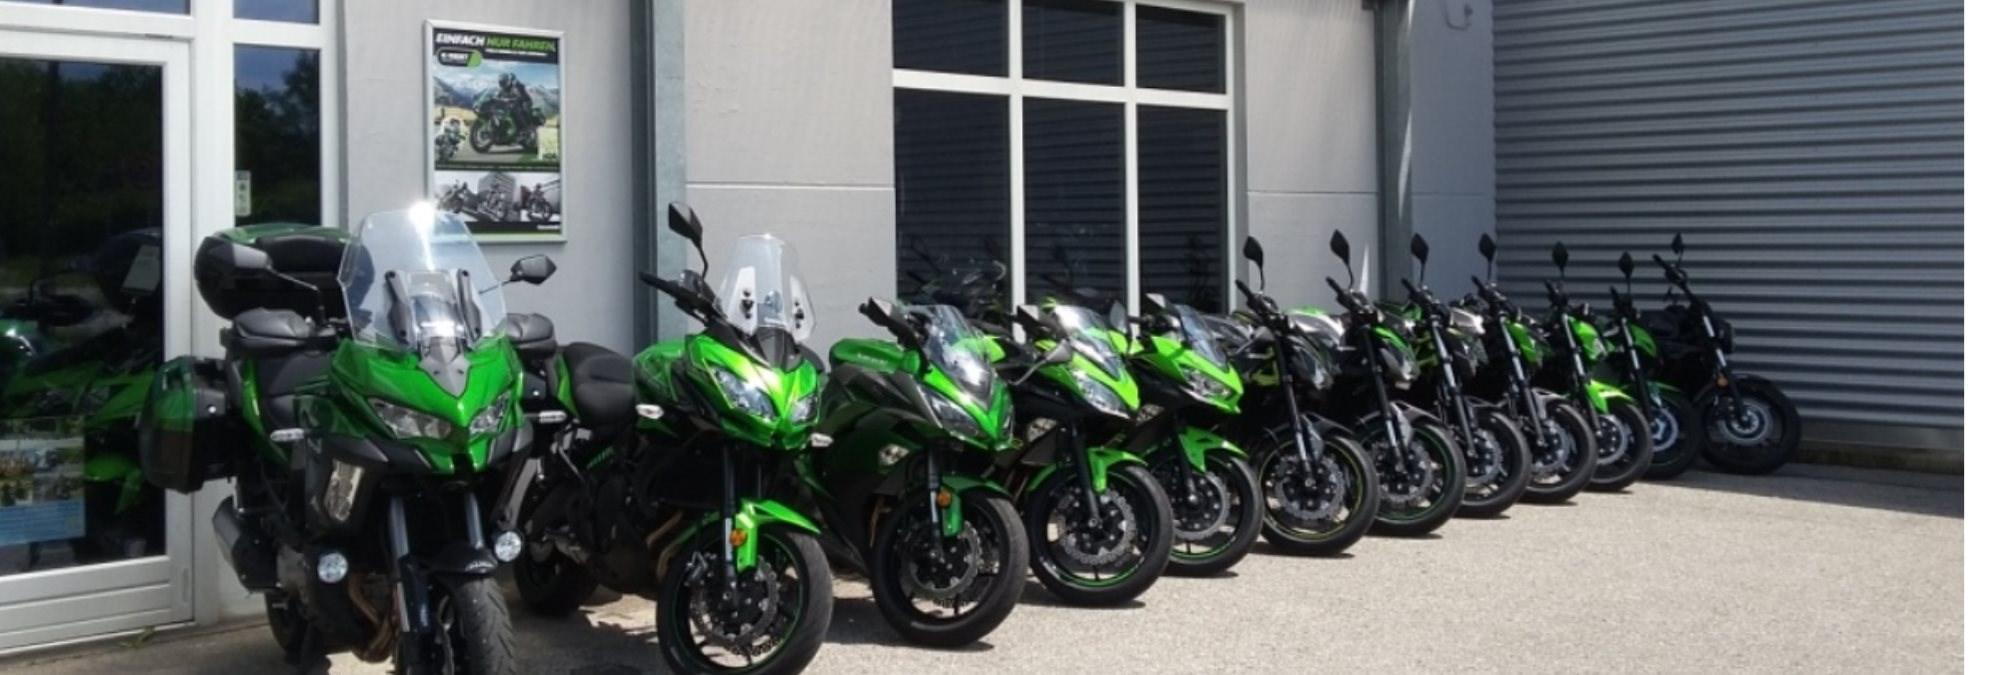 Kawasaki Rent   -   Mietmotorräder  -  Kawasaki Rent